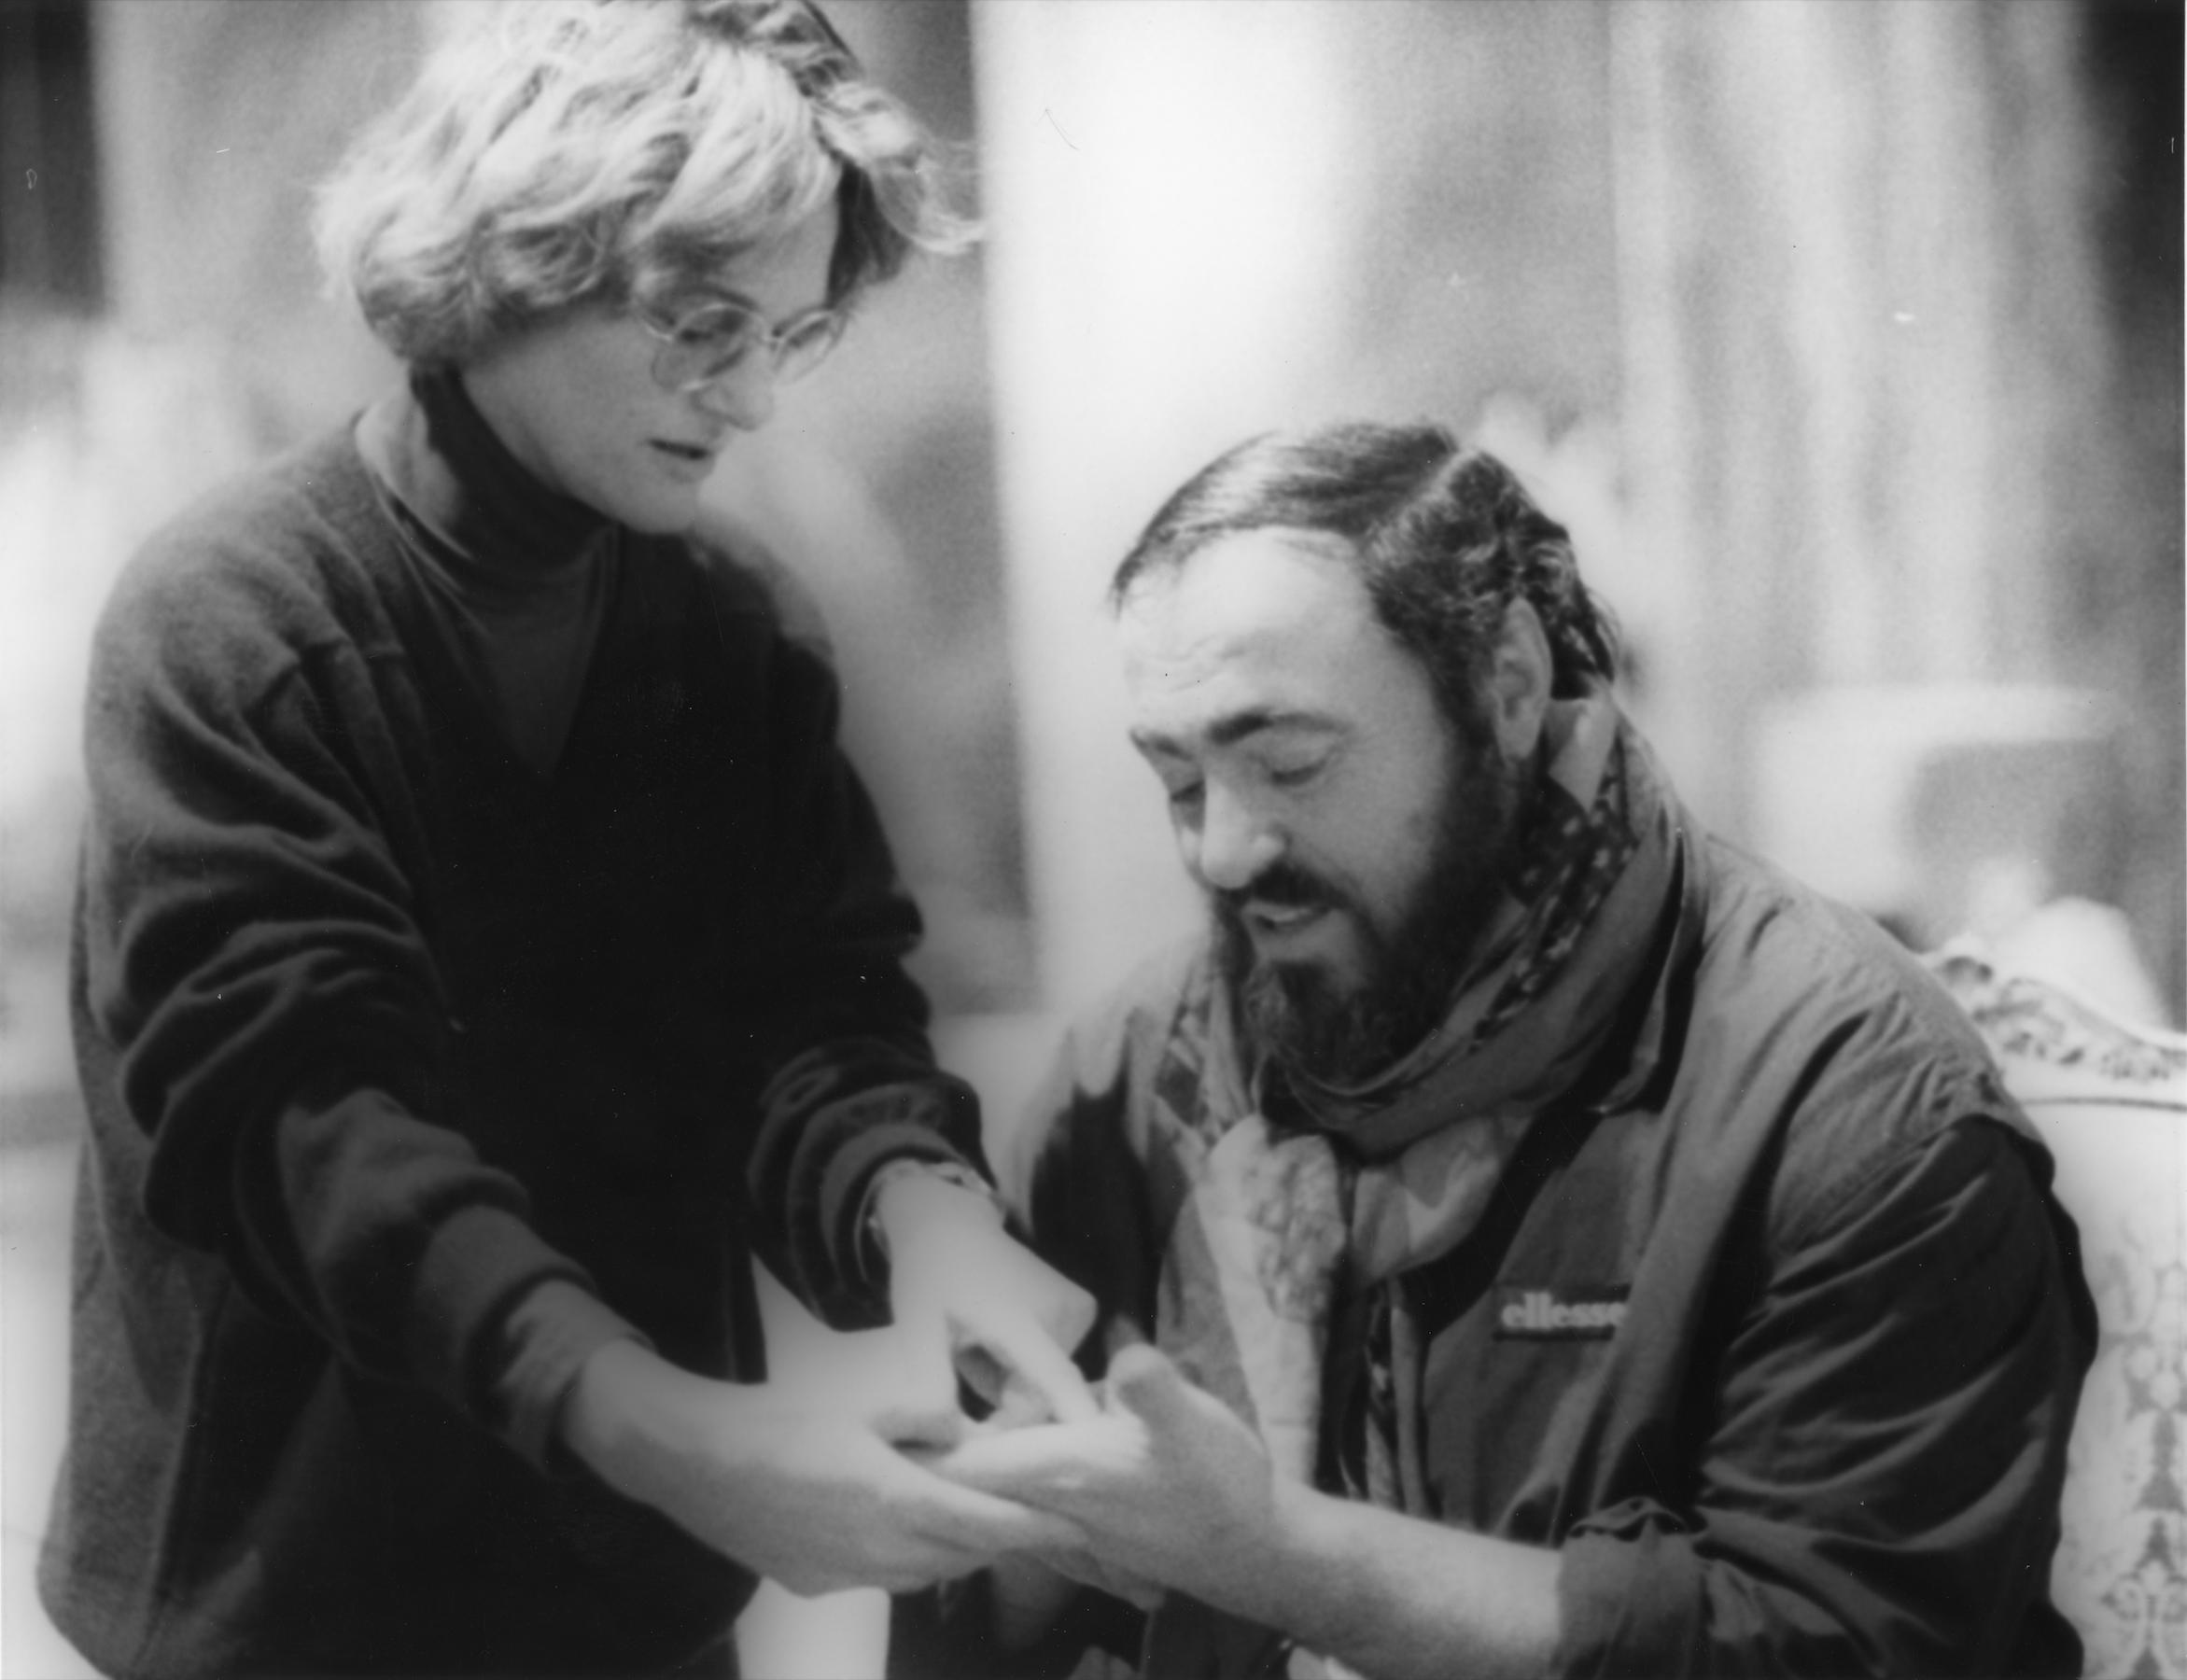 Un ballo in maschera   Luciano Pavarotti e Sonja Frisell   1988-1989_bianco e nero_@Primo Gnani-Lorenzo Capellini